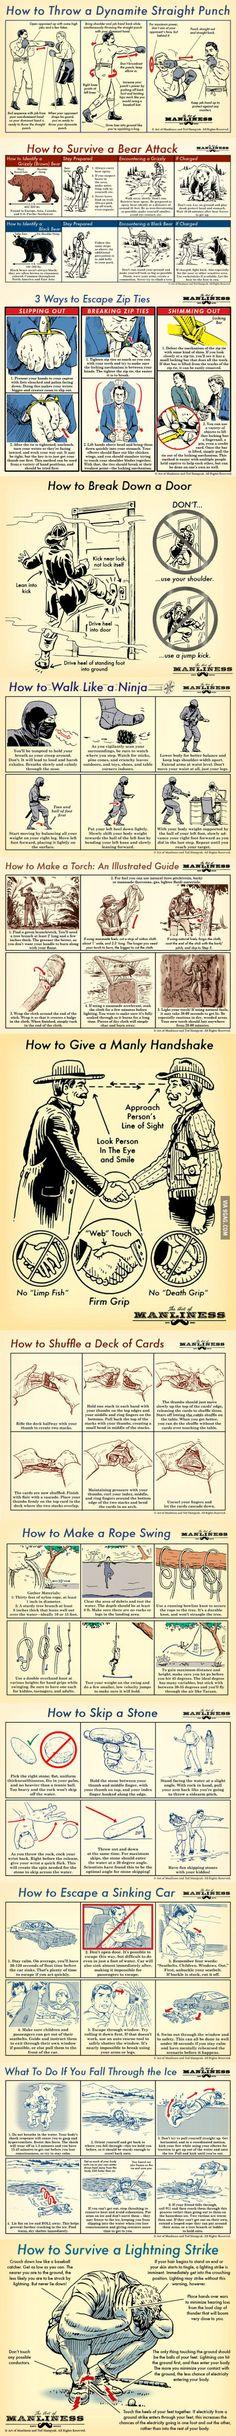 Manly Skills for men